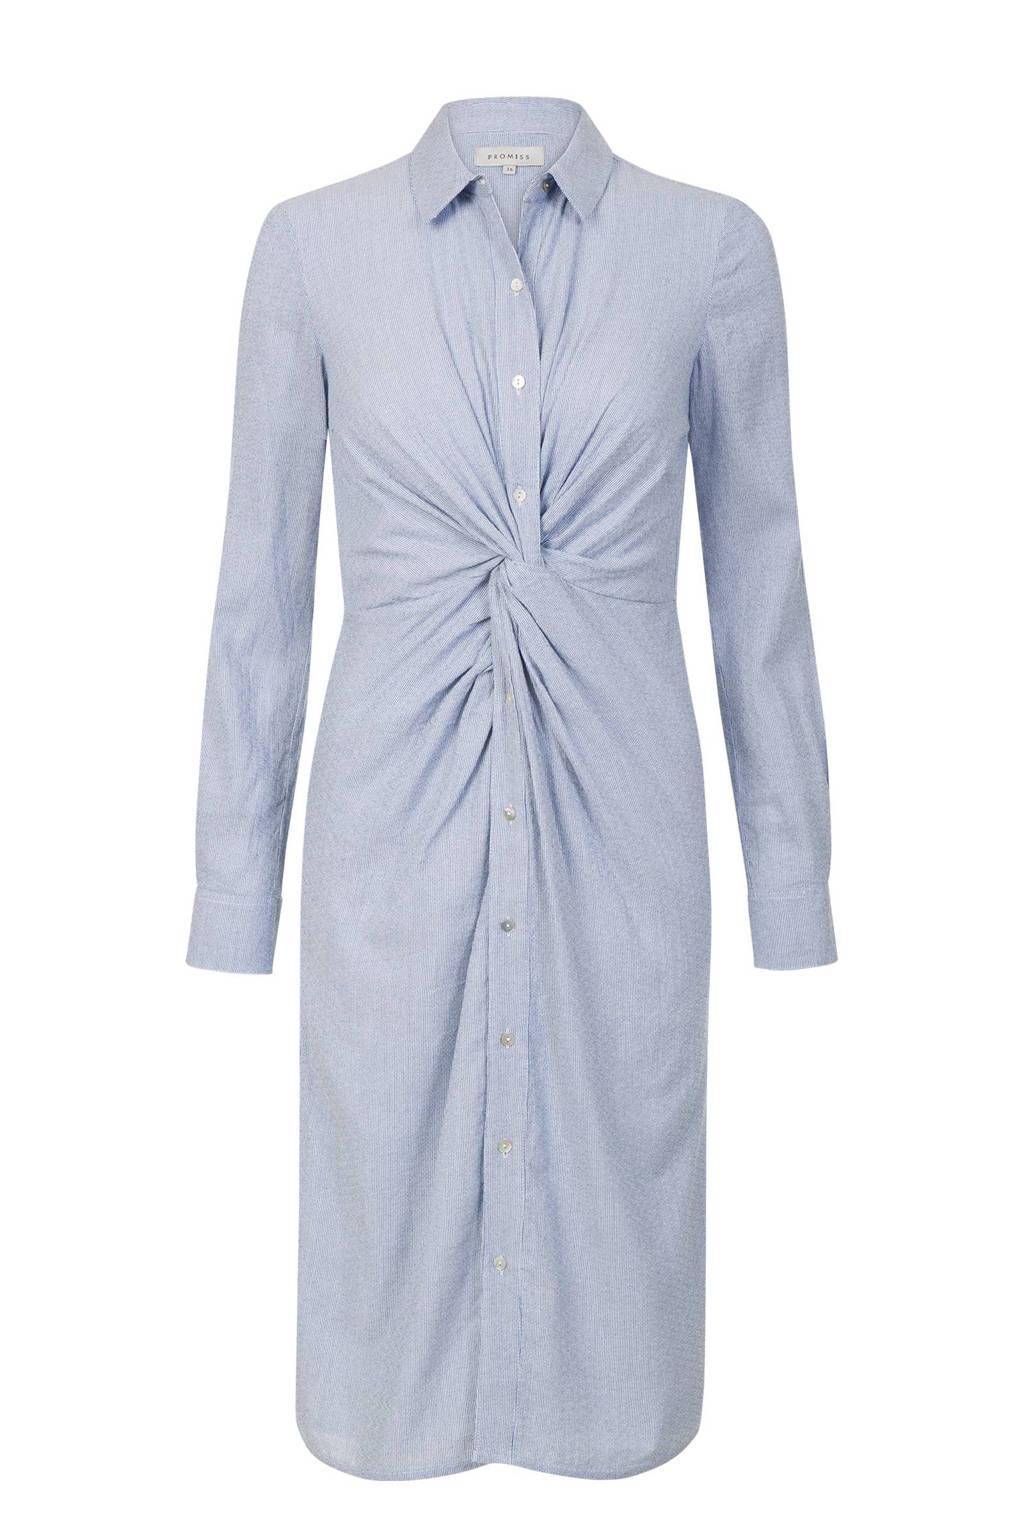 Promiss blousejurk met knoopdetail lichtblauw, Lichtblauw